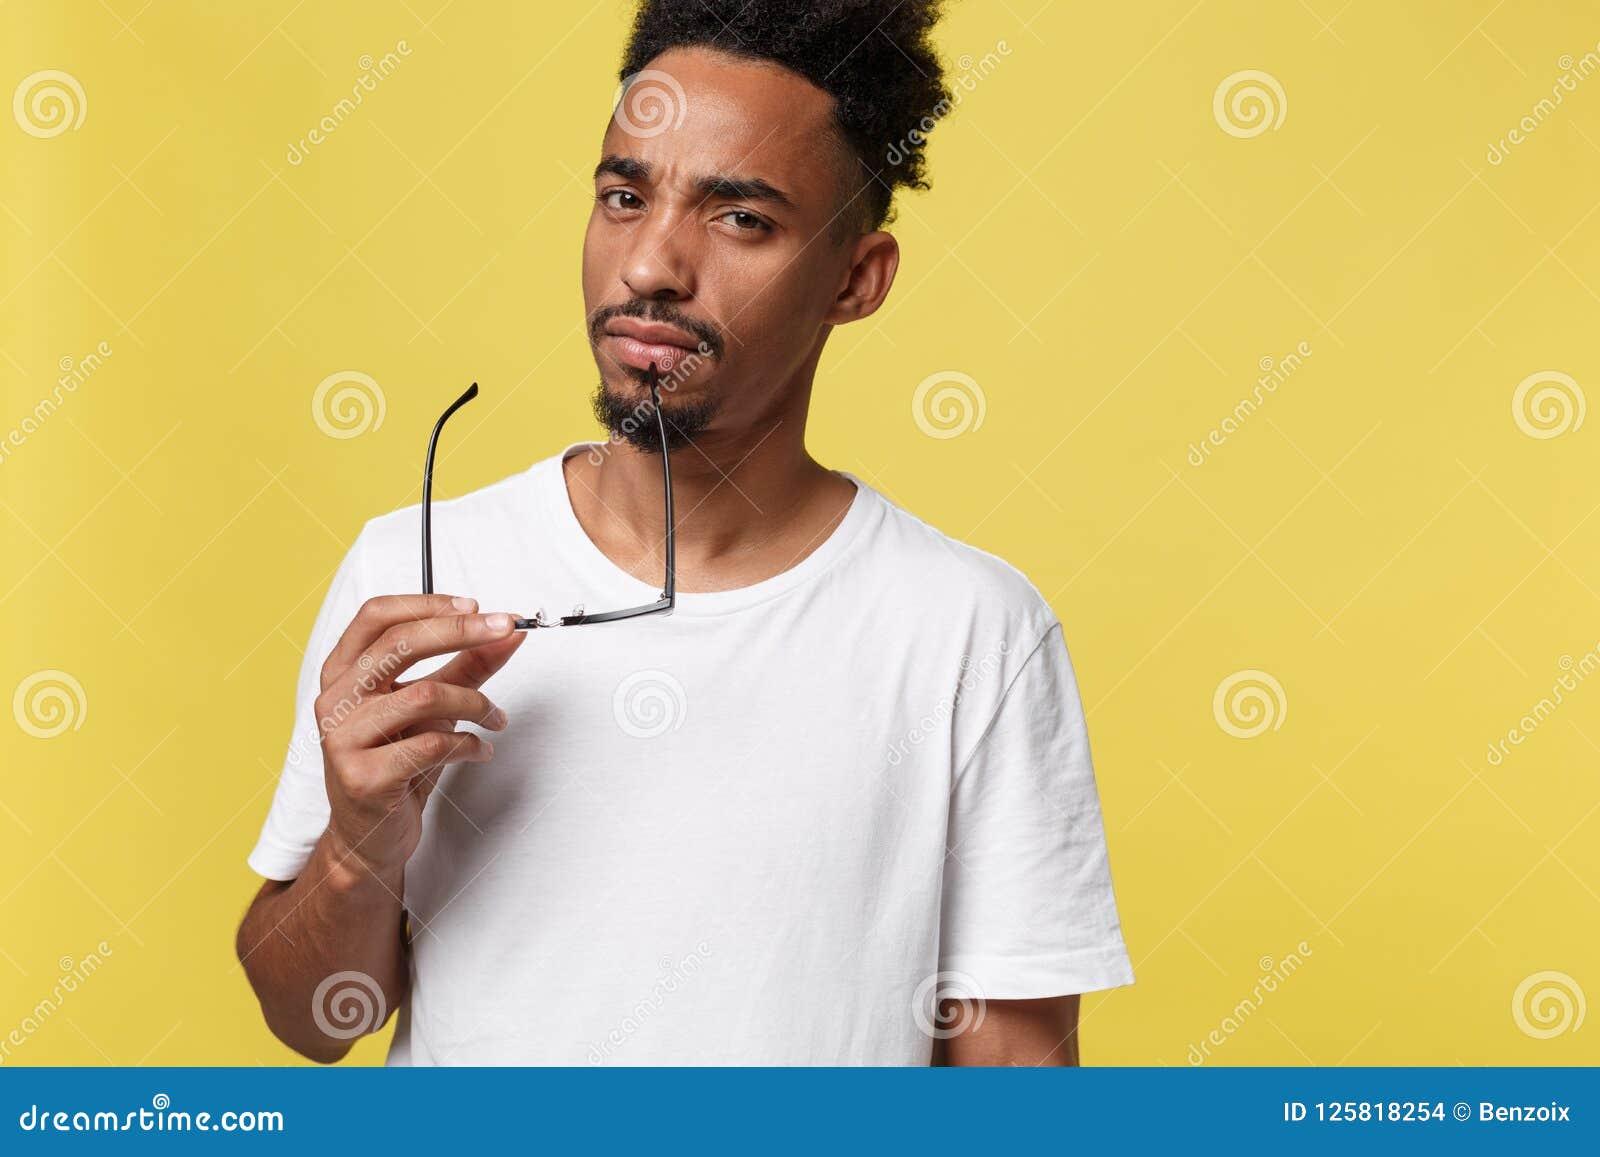 Афро-американский бизнесмен держа стекло, изолированное на желтой предпосылке - чернокожие люди